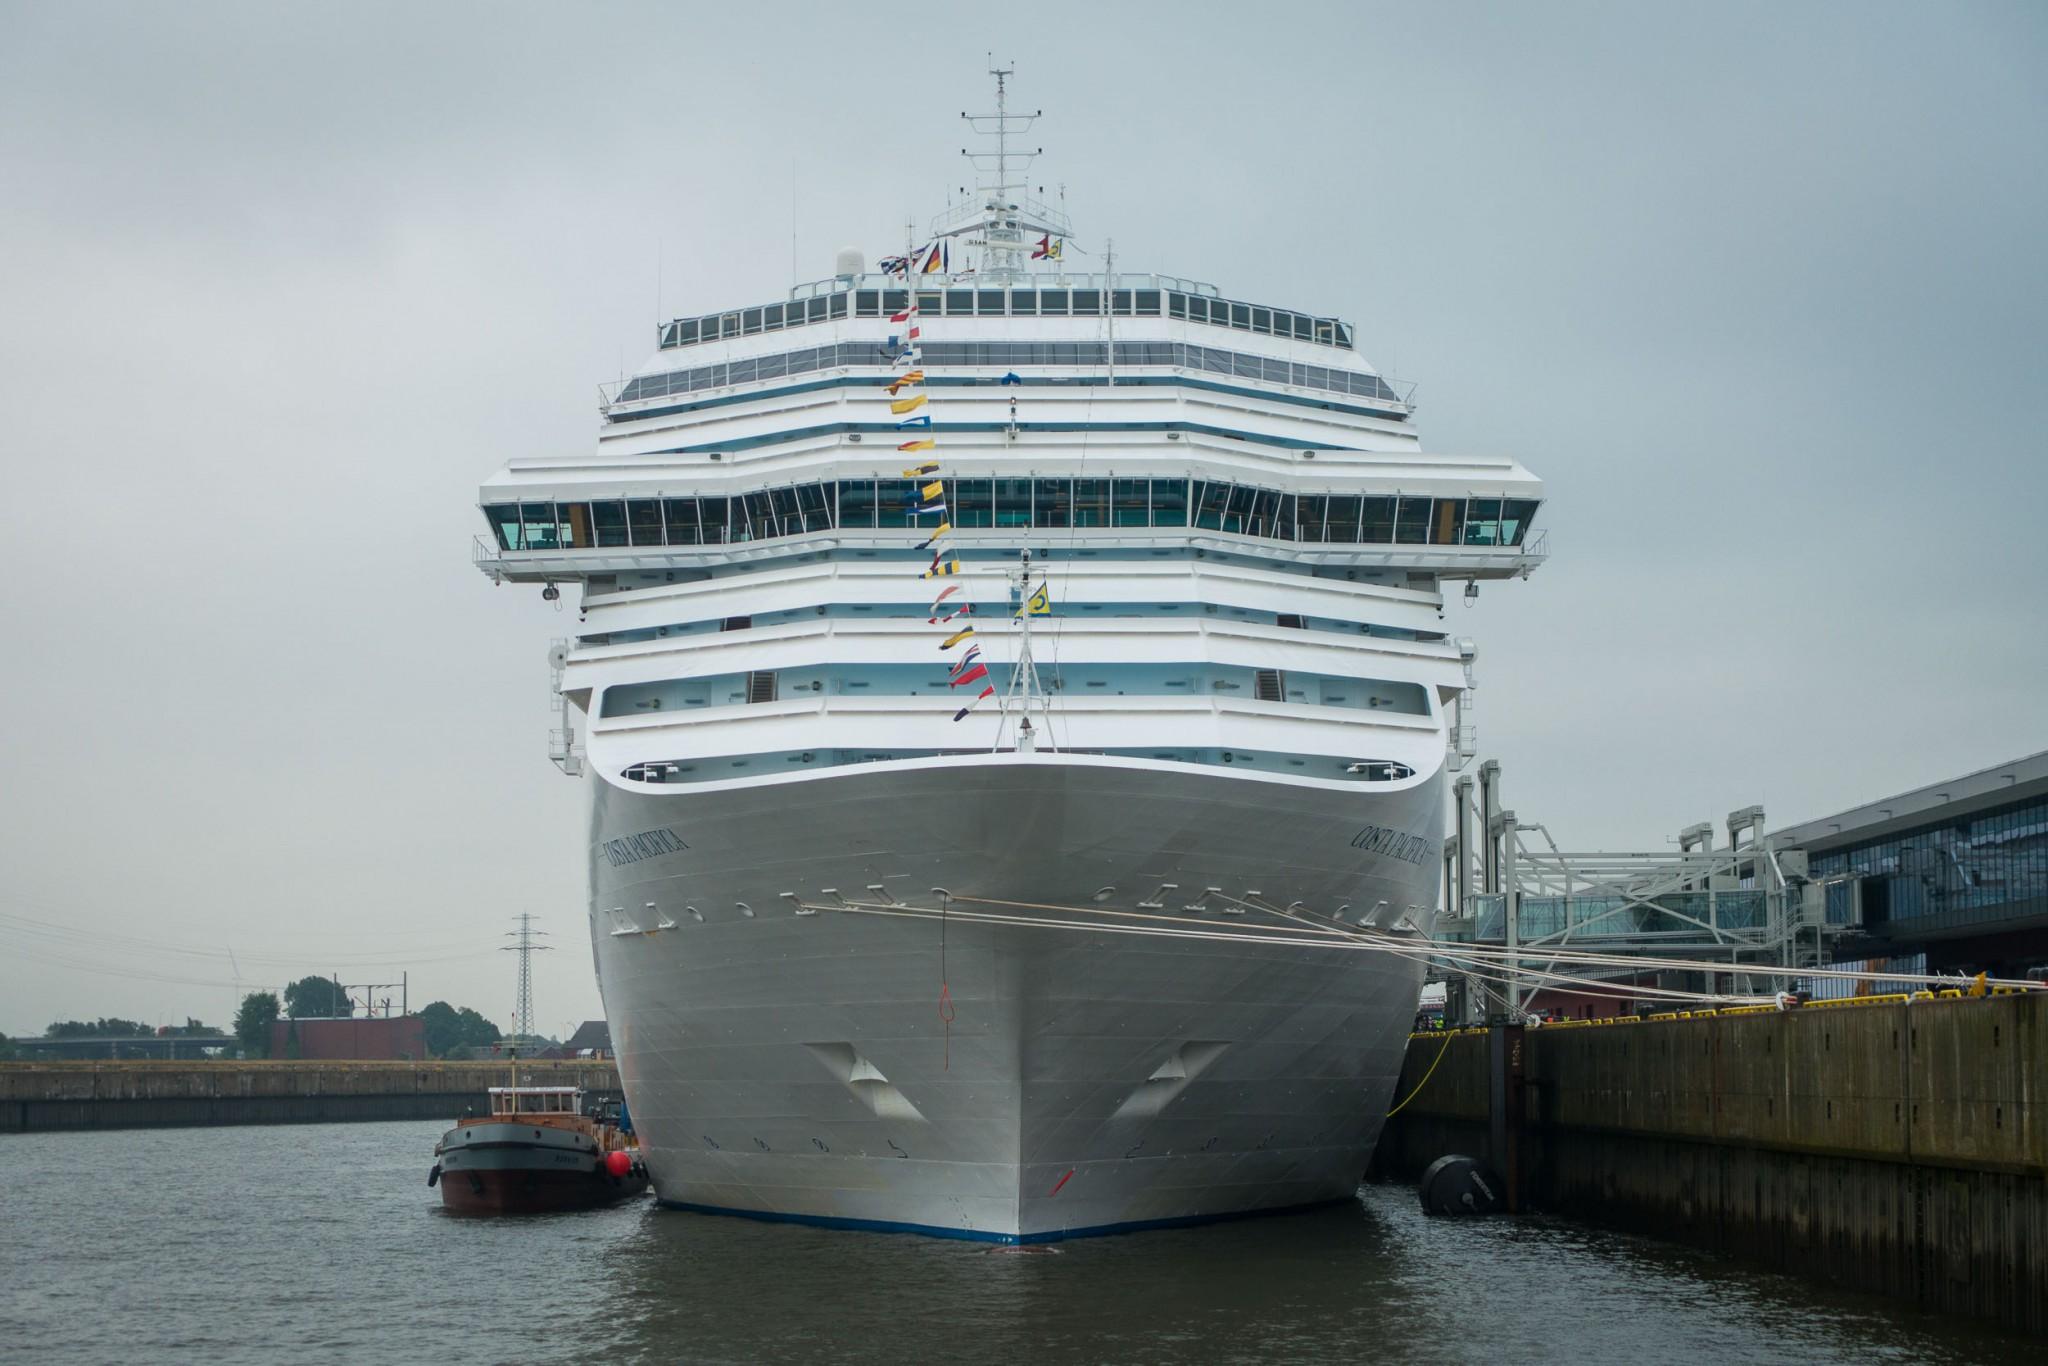 Kreuzfahrtschiff in Hamburger Hafen